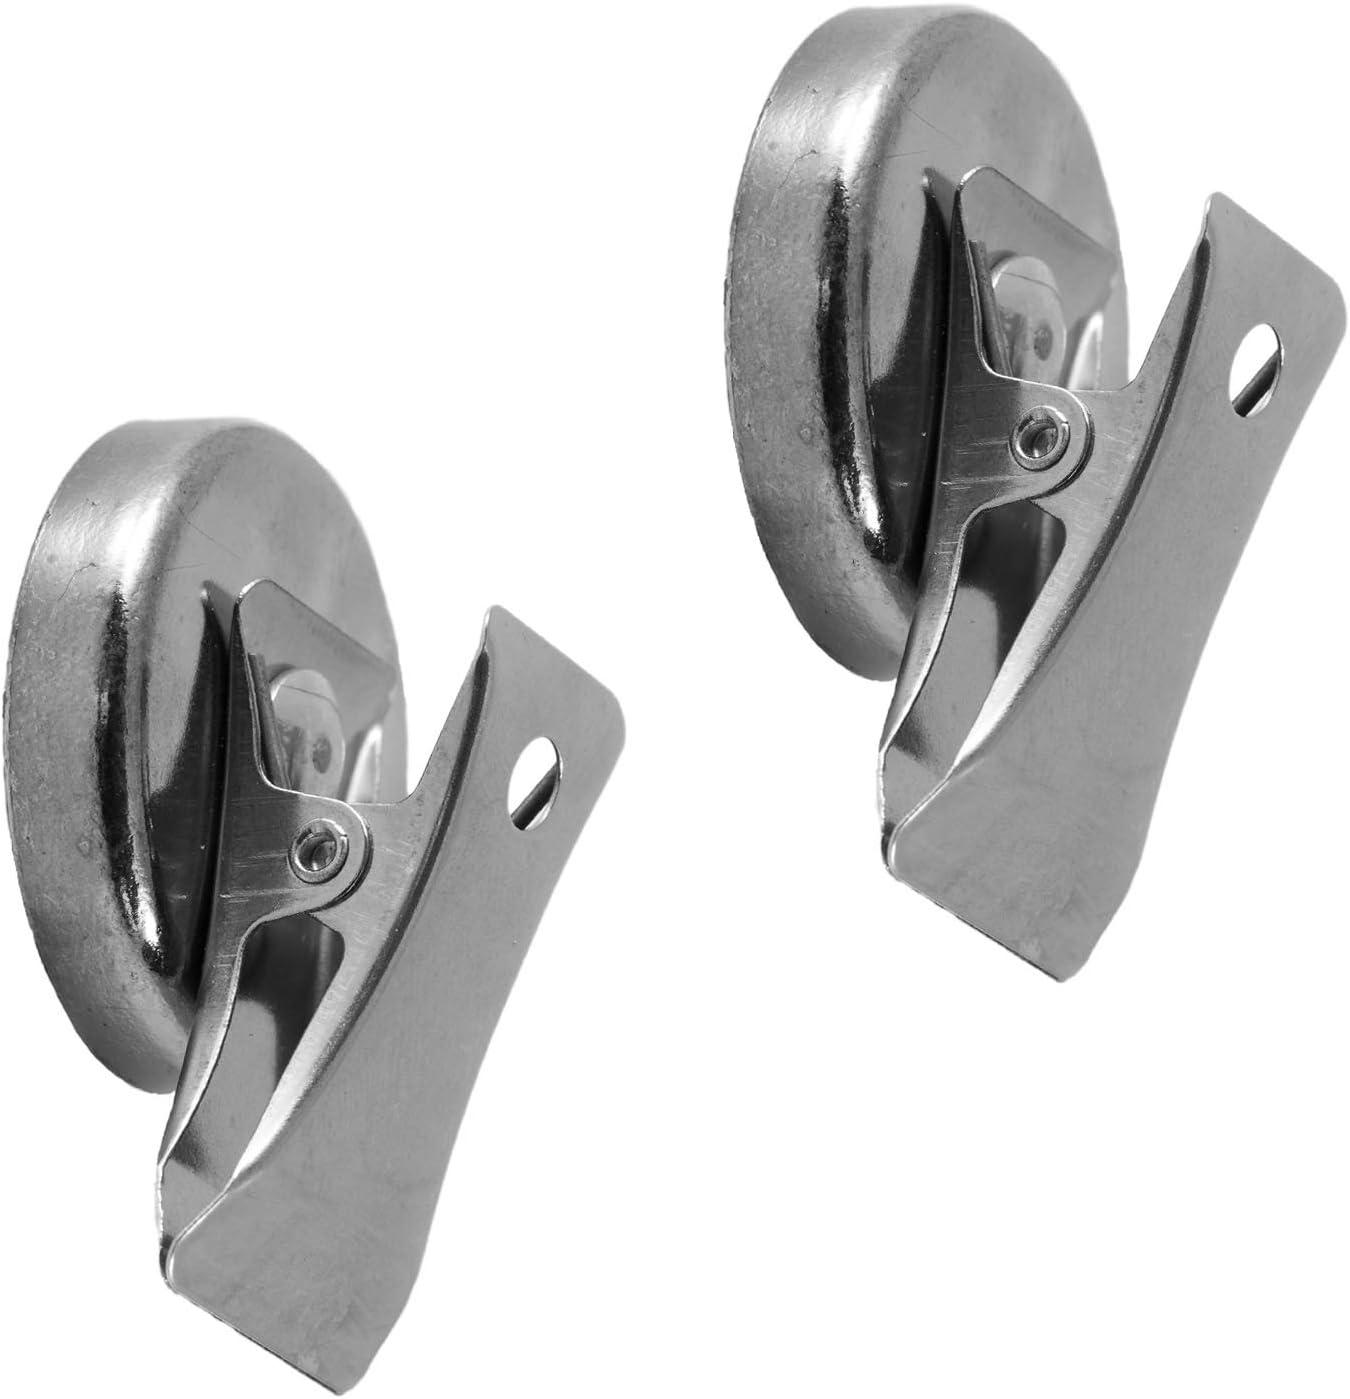 lavagna magnetica 2 pezzi verticali bacheca morsetti magnetici in super ferrite per frigorifero pi/ù di 2 kg di forza di tenuta, Magnetastico clip magnetiche extra forti in metallo e cromate